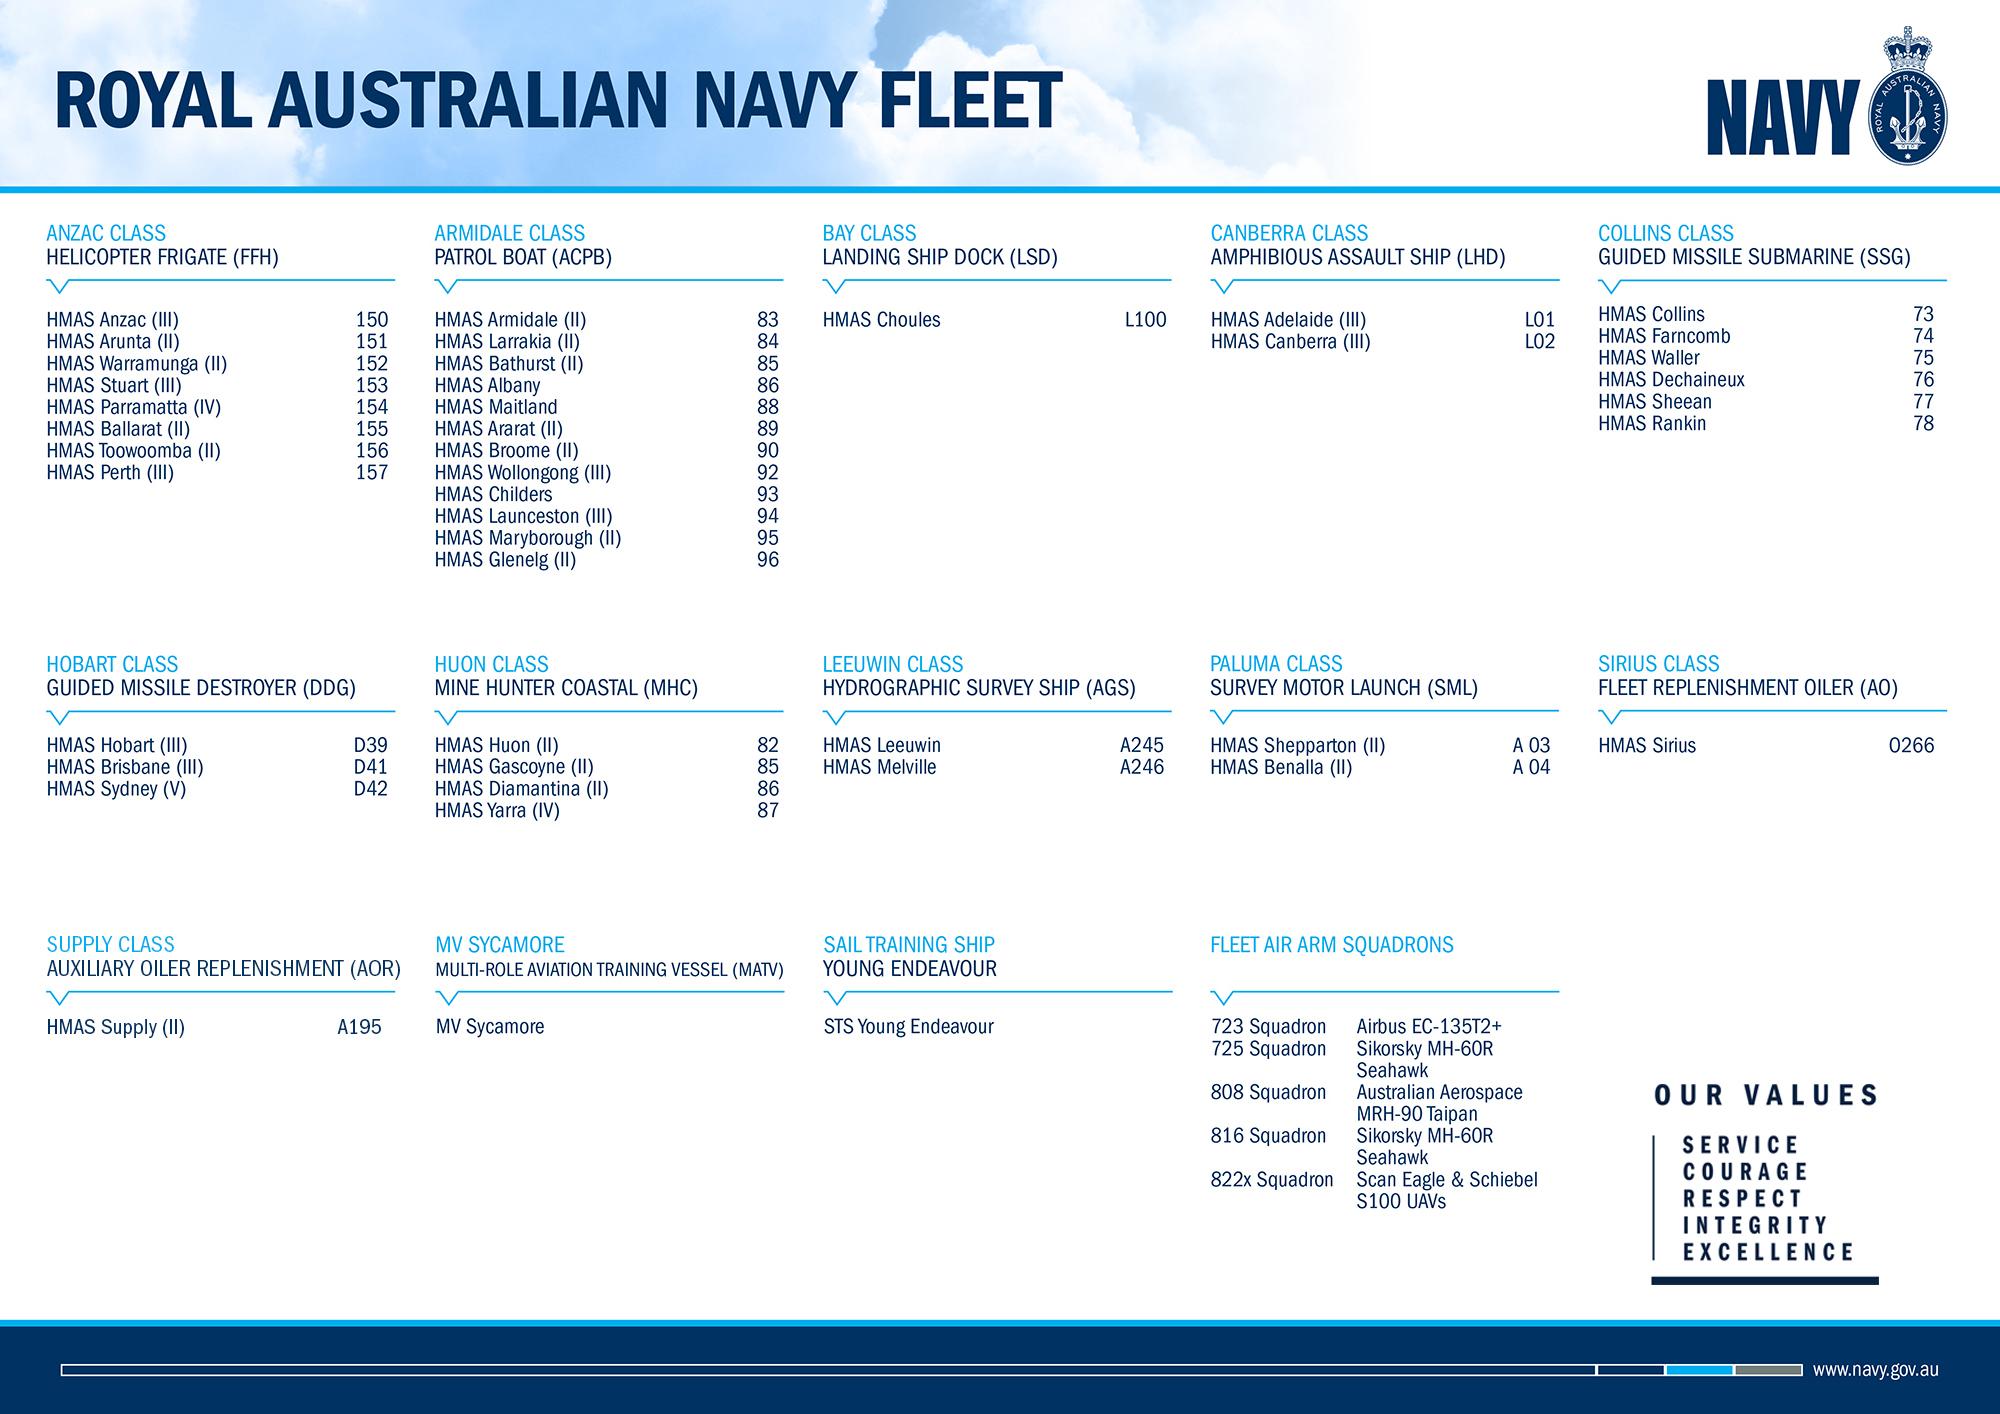 Royal Australian Navy Fleet poster (back)